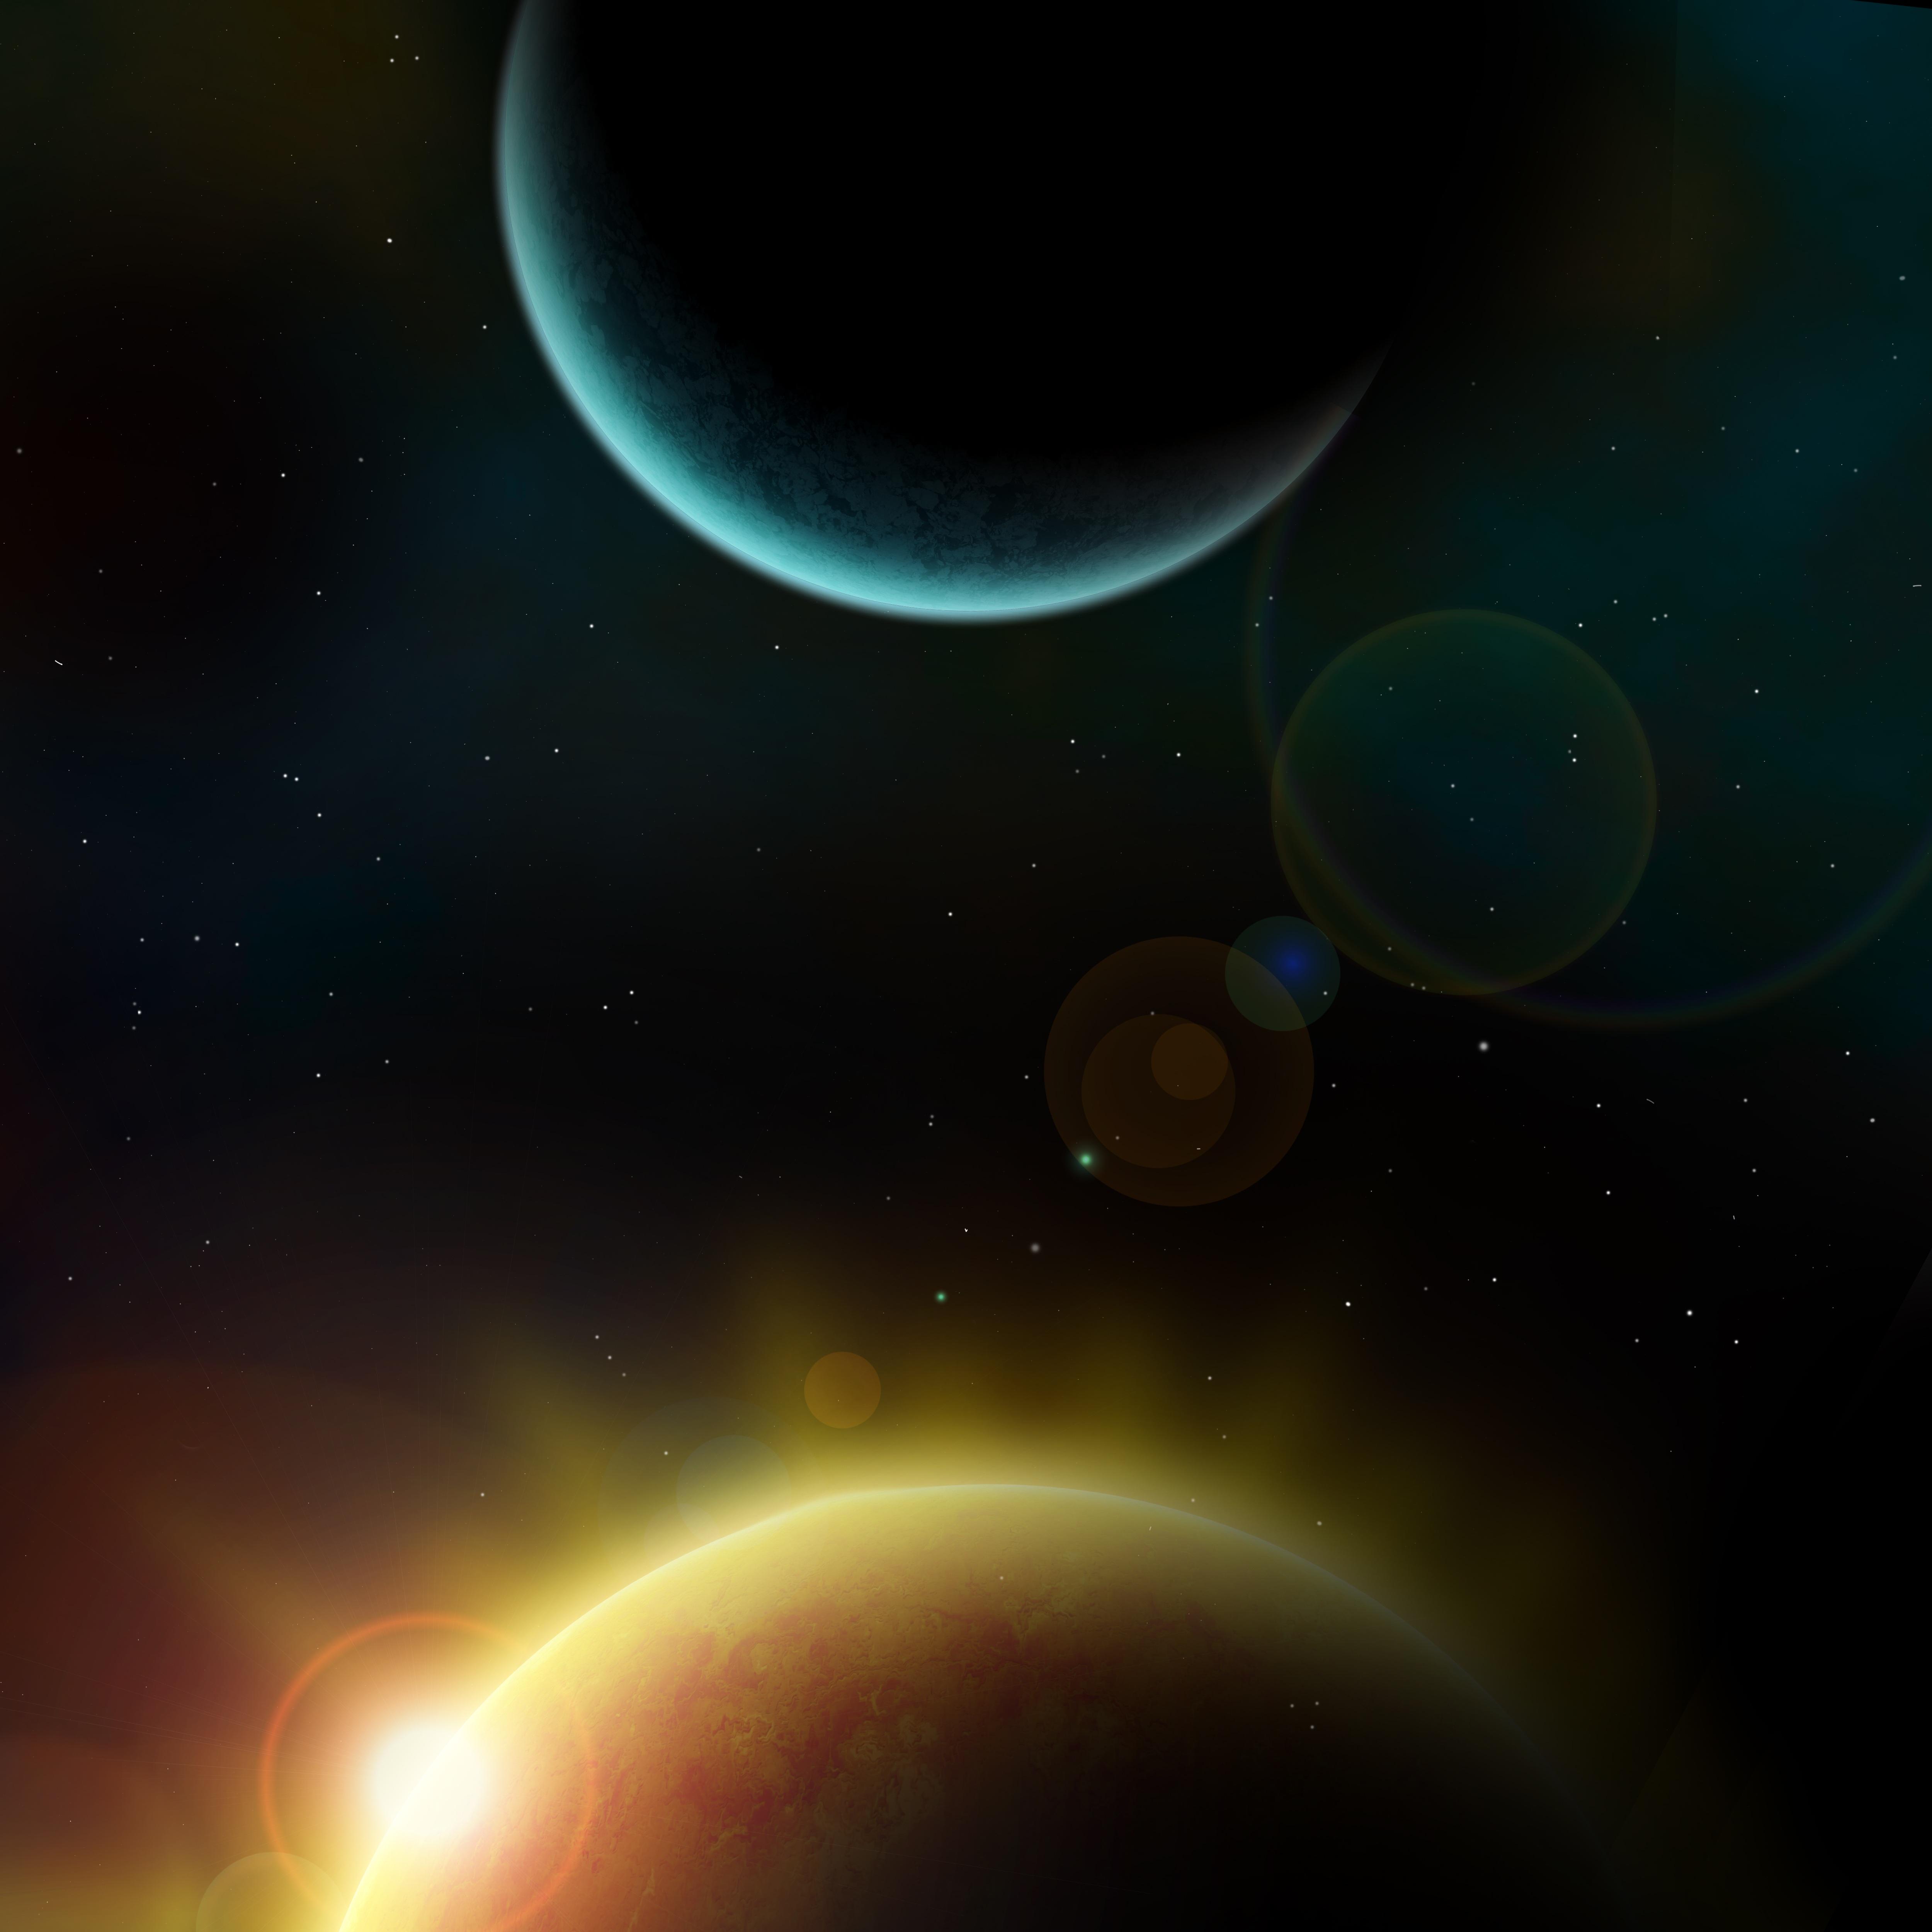 Gambar Matahari Bintang Suasana Mistik Luar Angkasa Alam